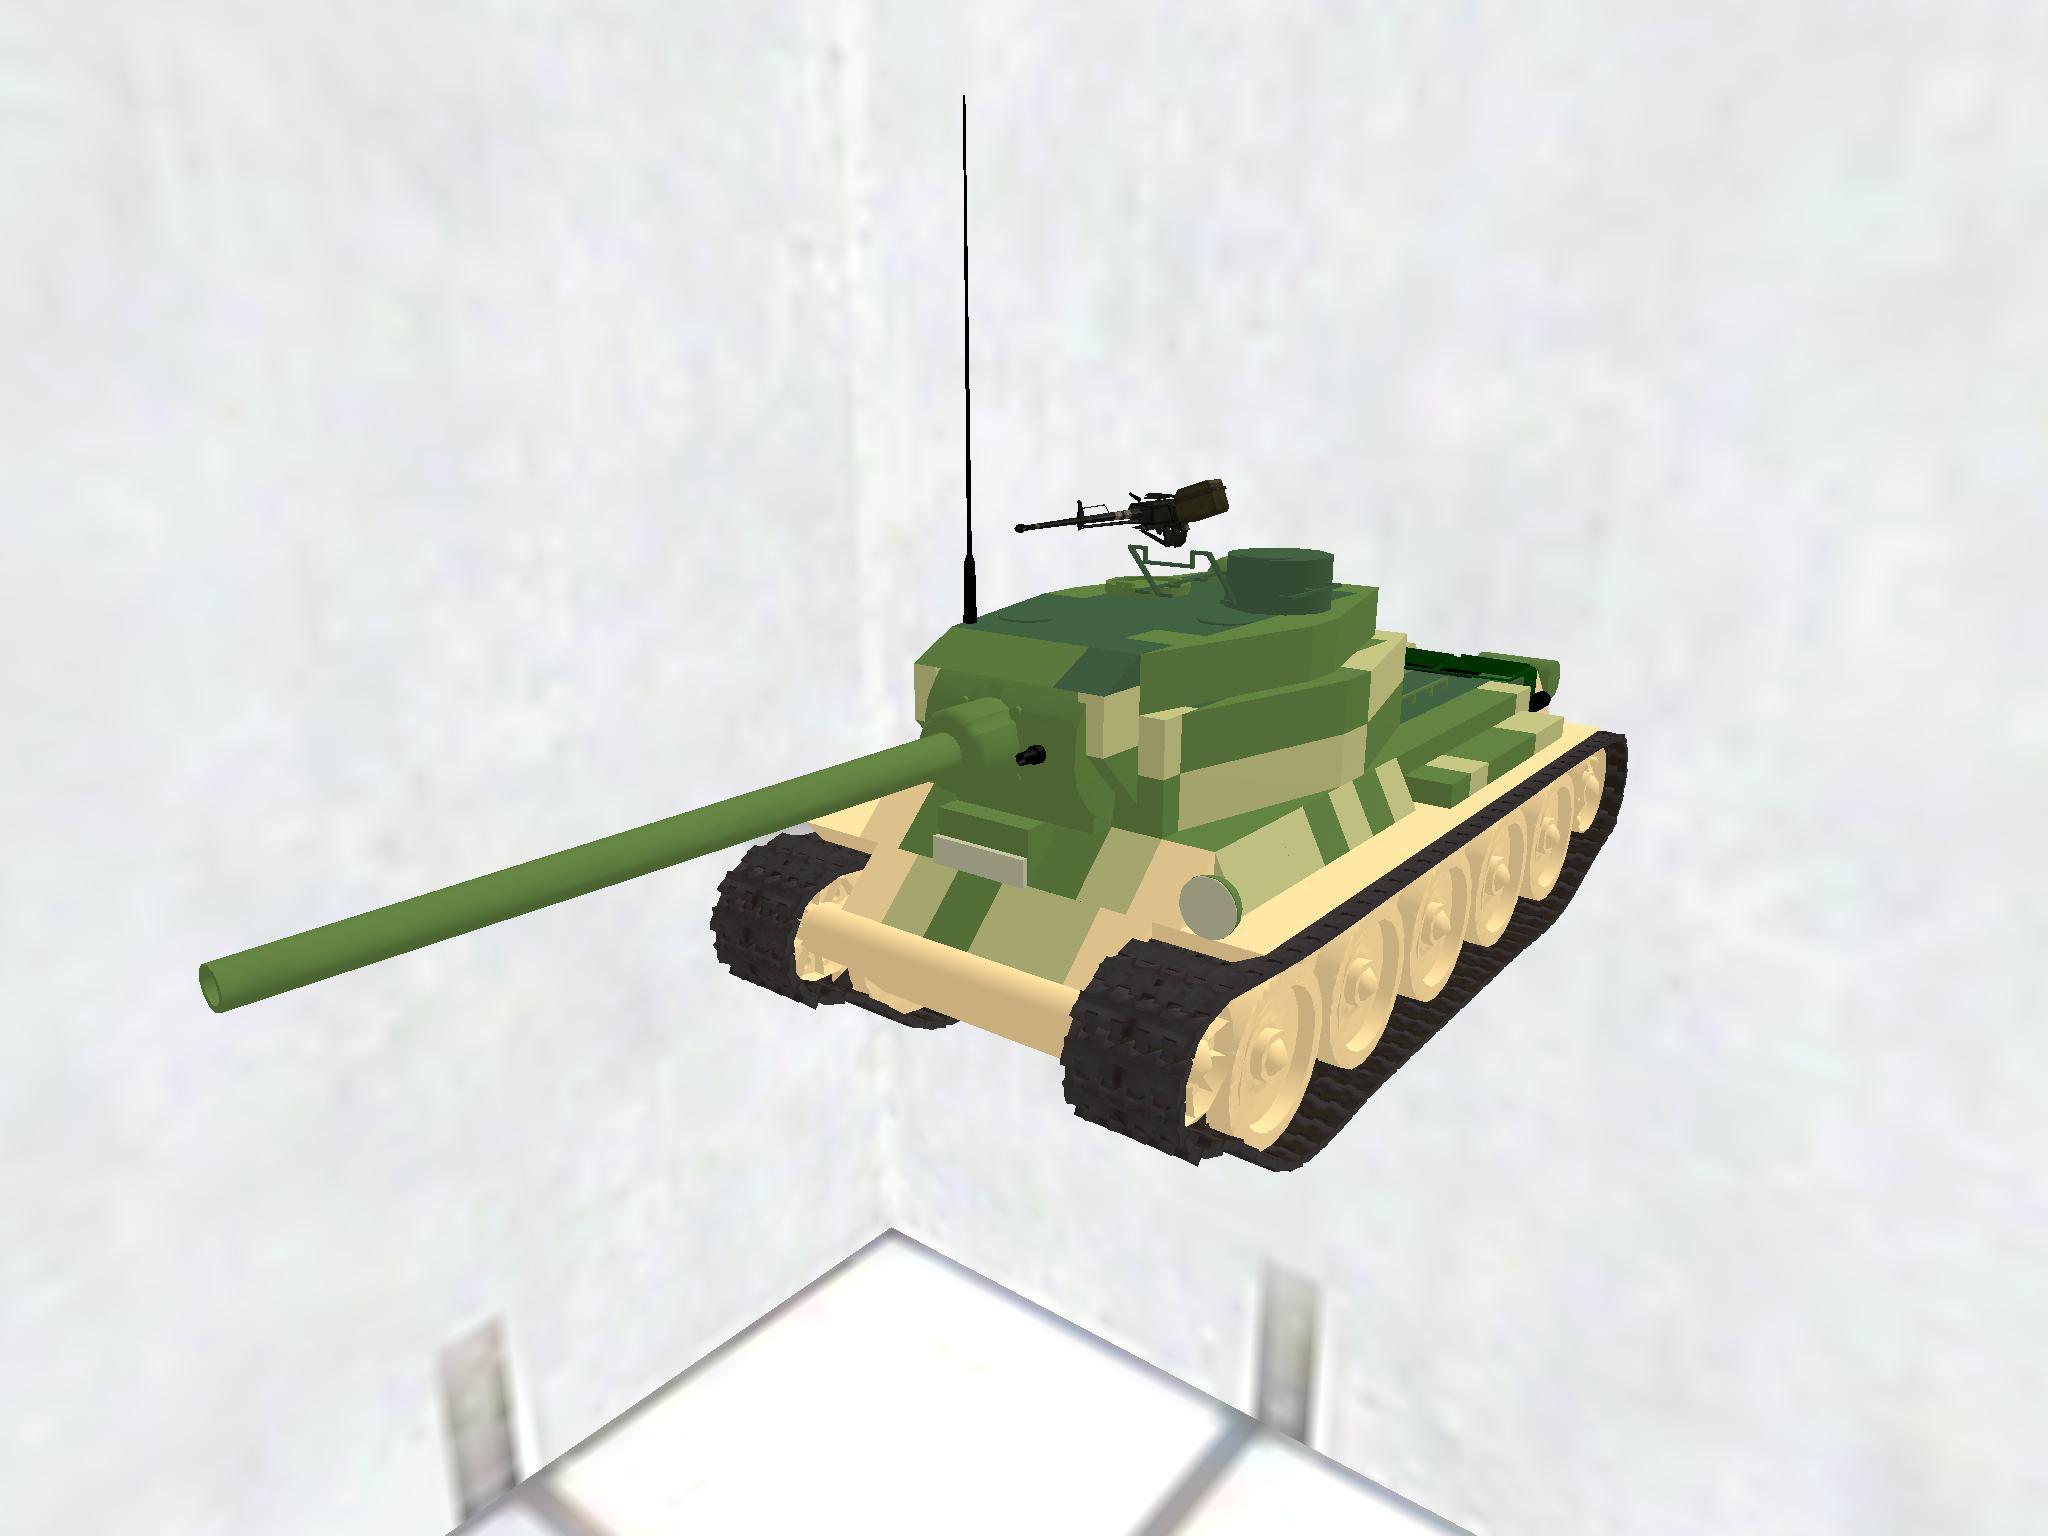 T-43-85 Syrian